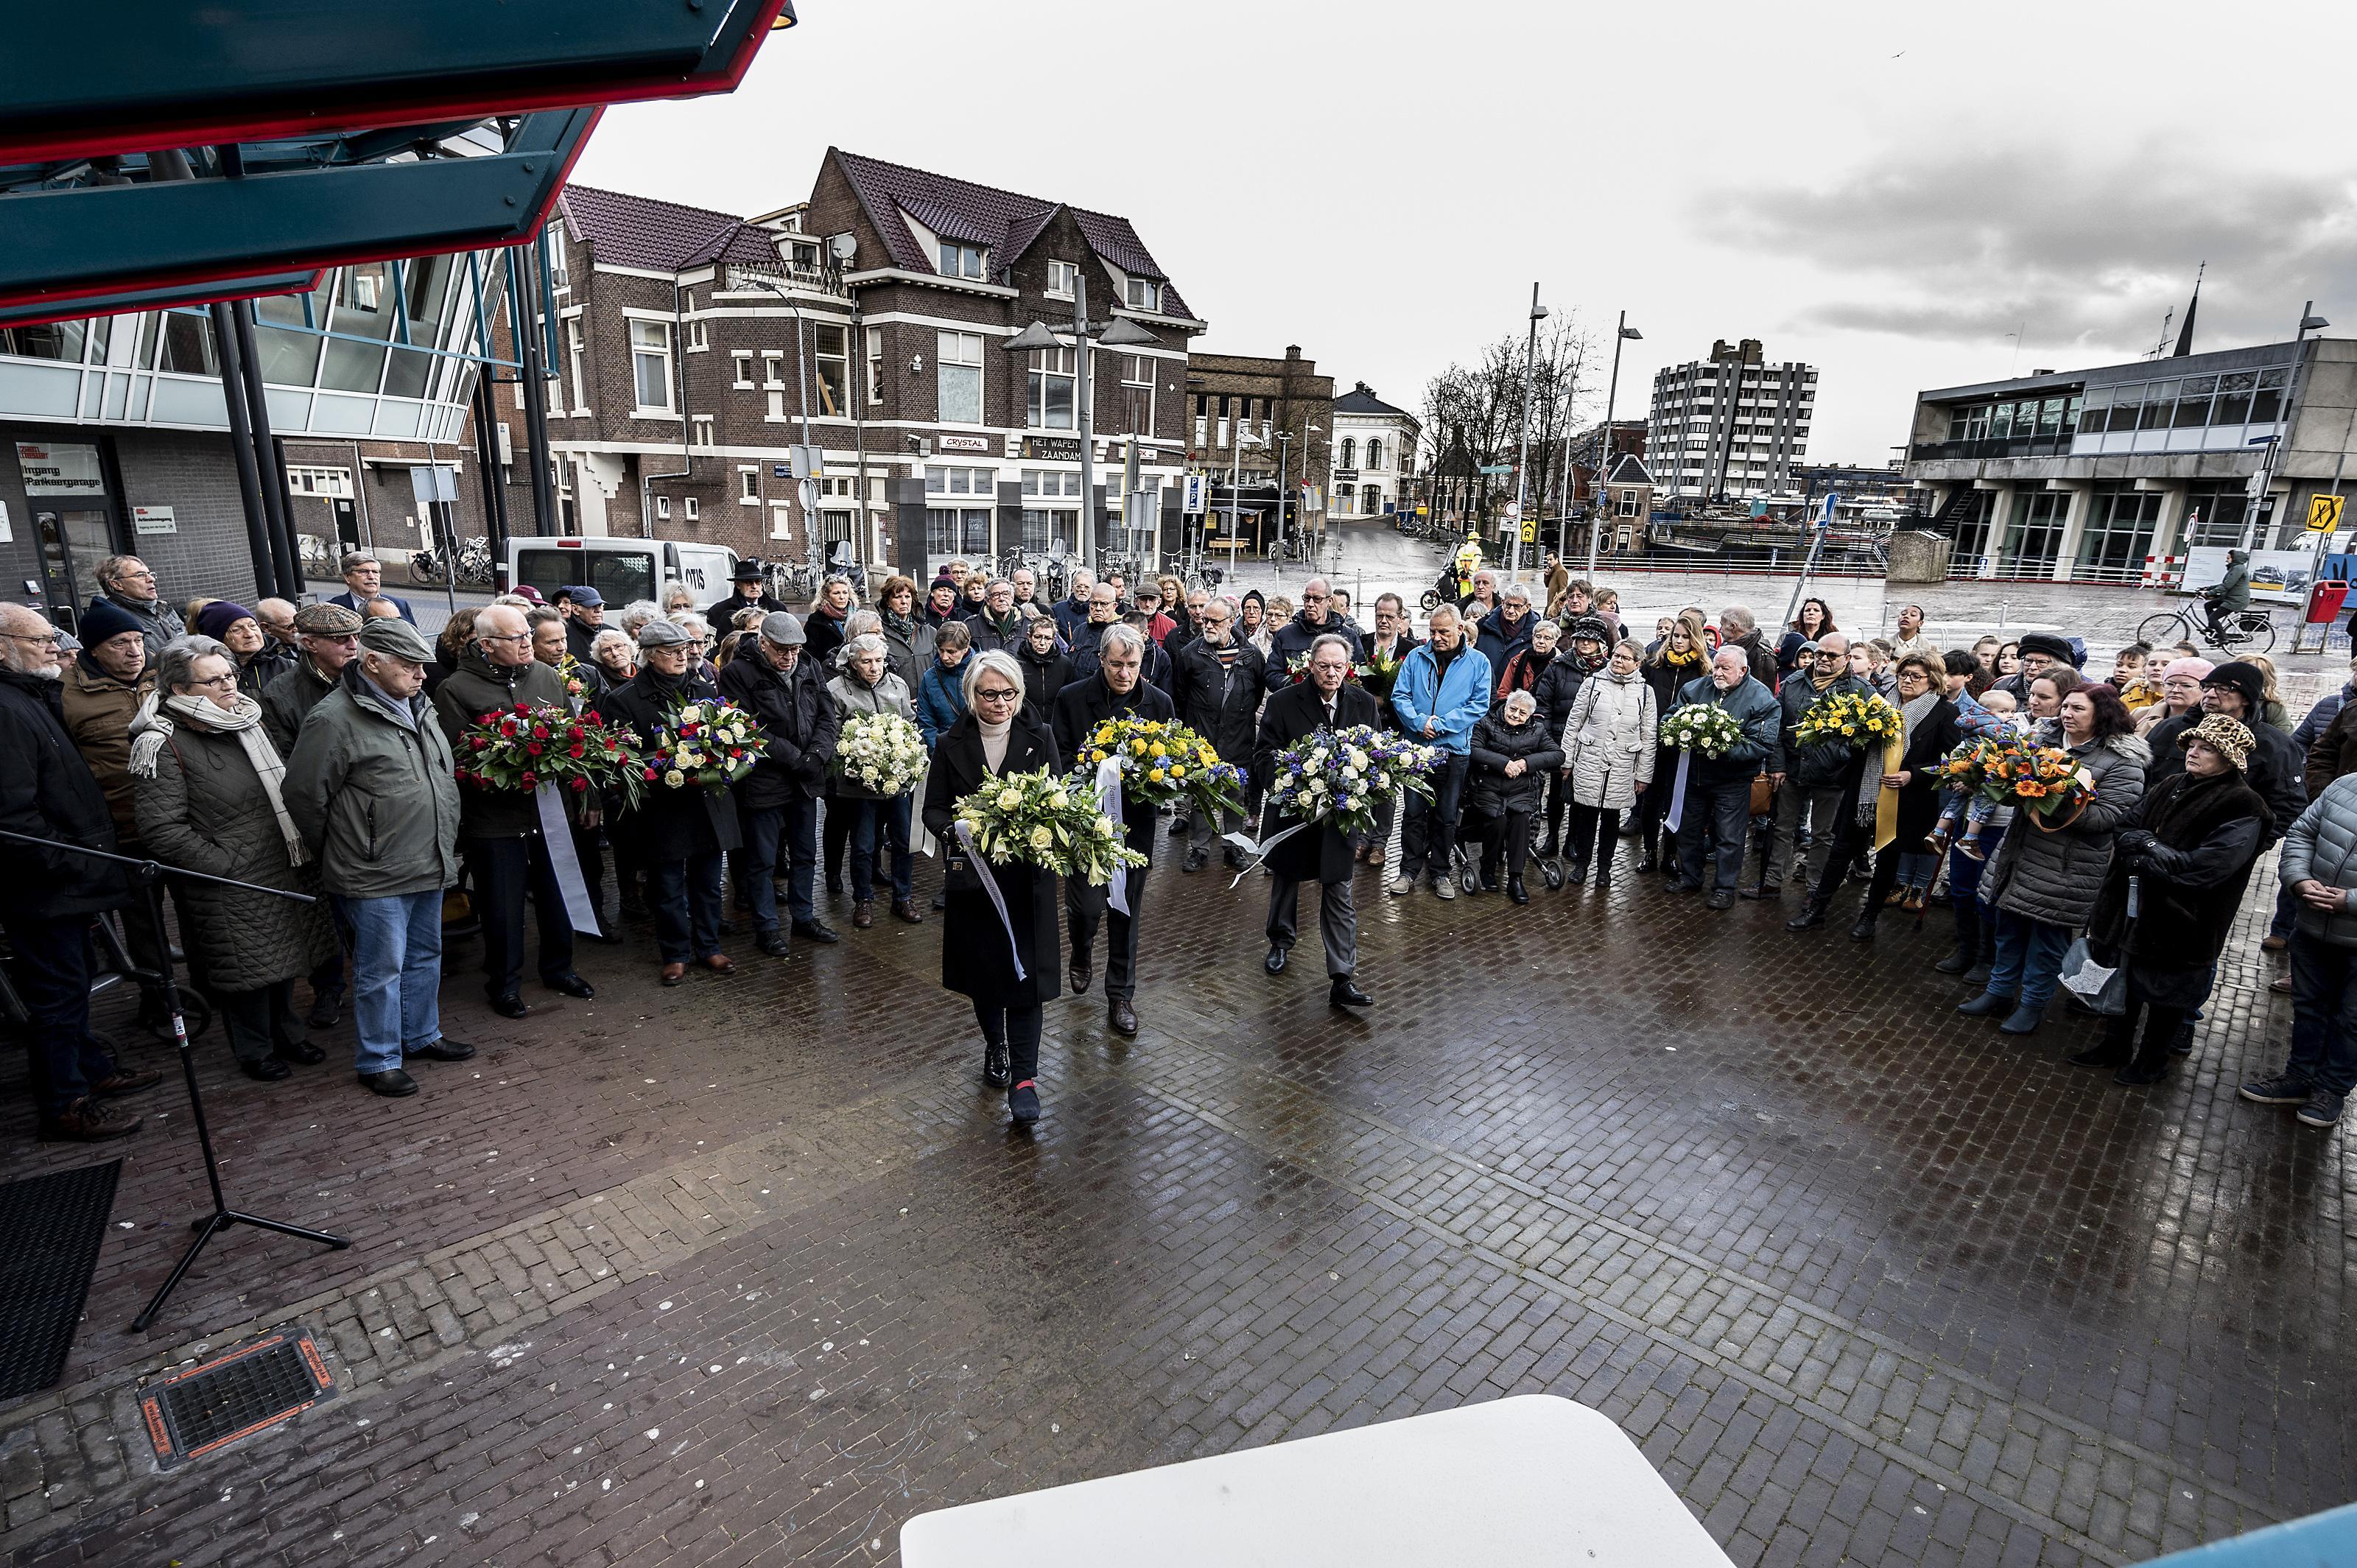 Zaanse herdenking Februaristaking op ongebruikelijke plek